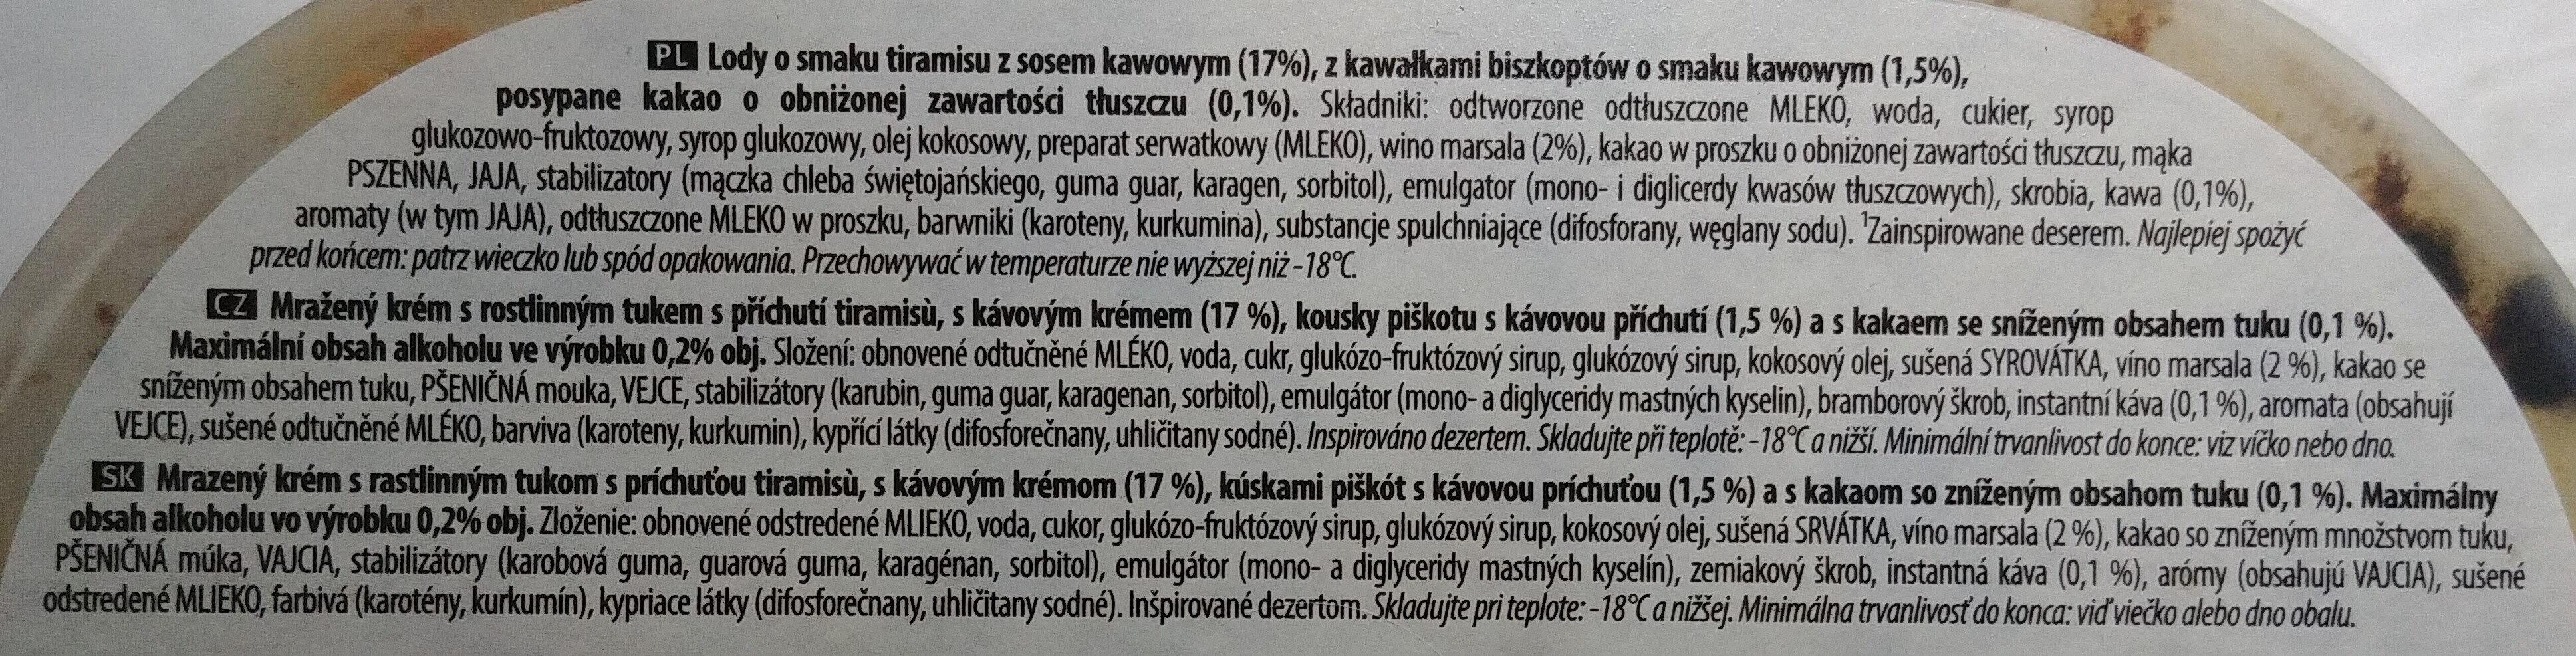 Lody o smaku tiramisu z sosem kawowym - Składniki - pl